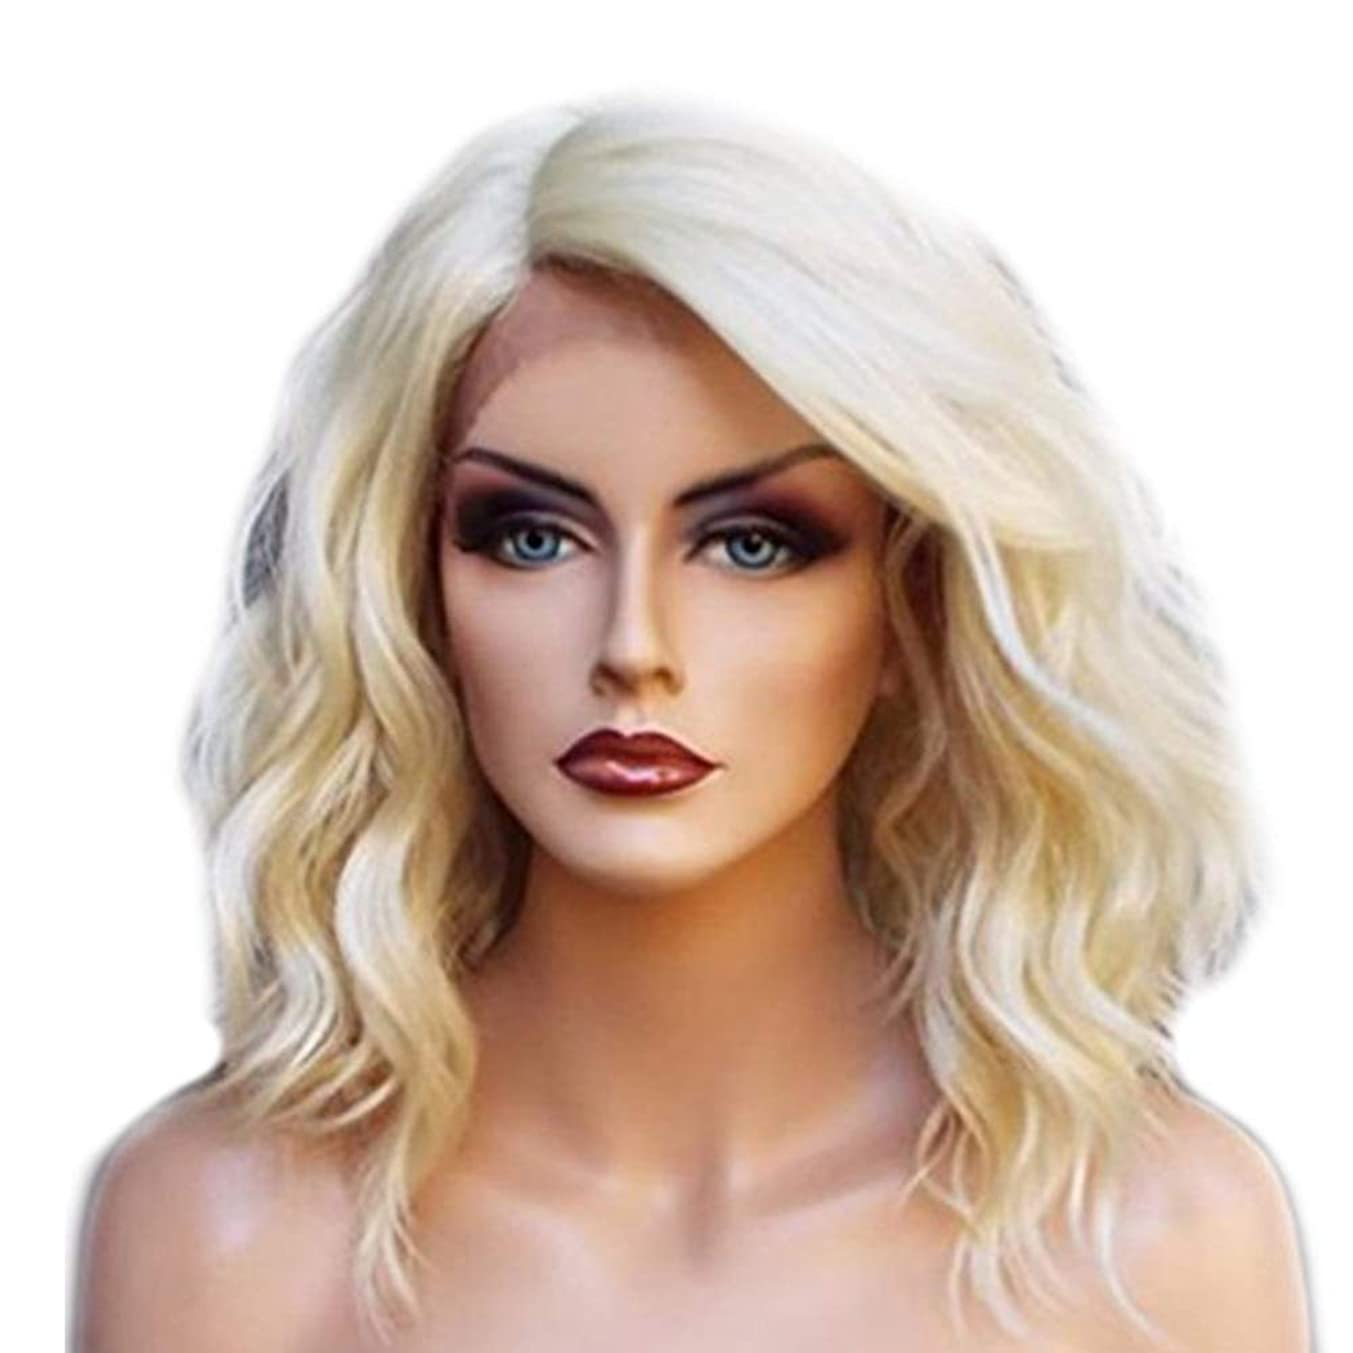 歩き回るエレガントストラトフォードオンエイボンYOUQIU 女子金髪ショートカーリーヘアレースフロントウィッグ自然な合成かつら毎日ウィッグを着用してください (色 : Blonde)